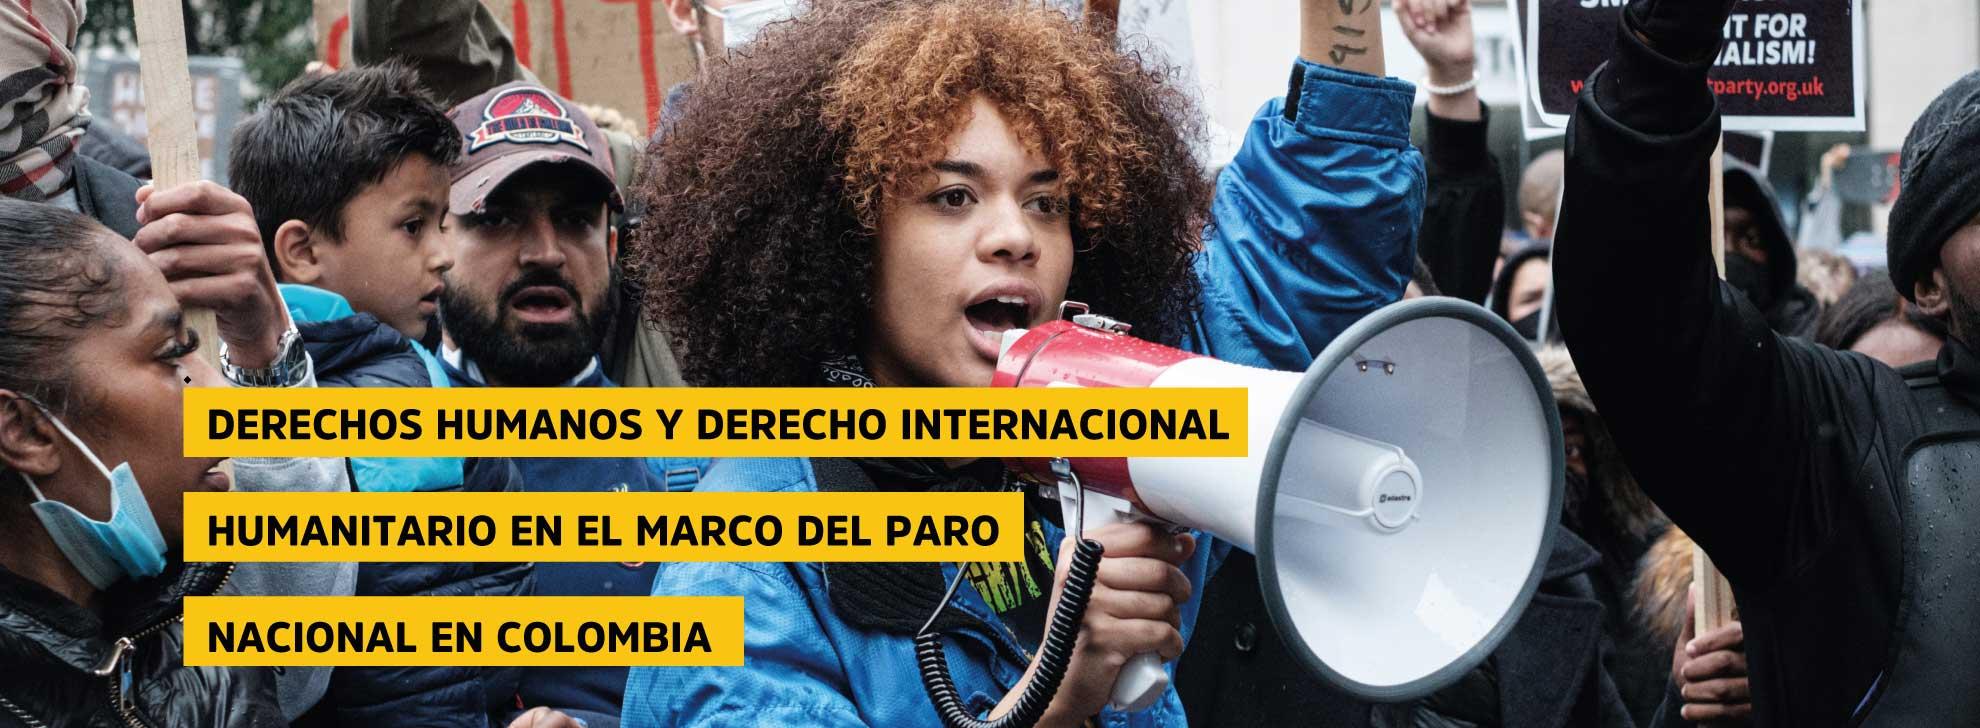 Derechos humanos y derecho internacional humanitario en el marco del paro nacional en Colombia